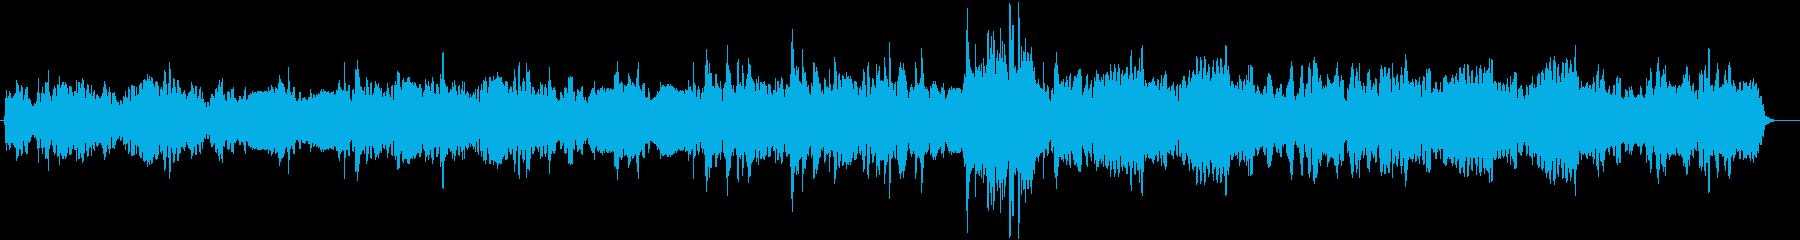 フルートメインのほのぼの日常系BGMの再生済みの波形